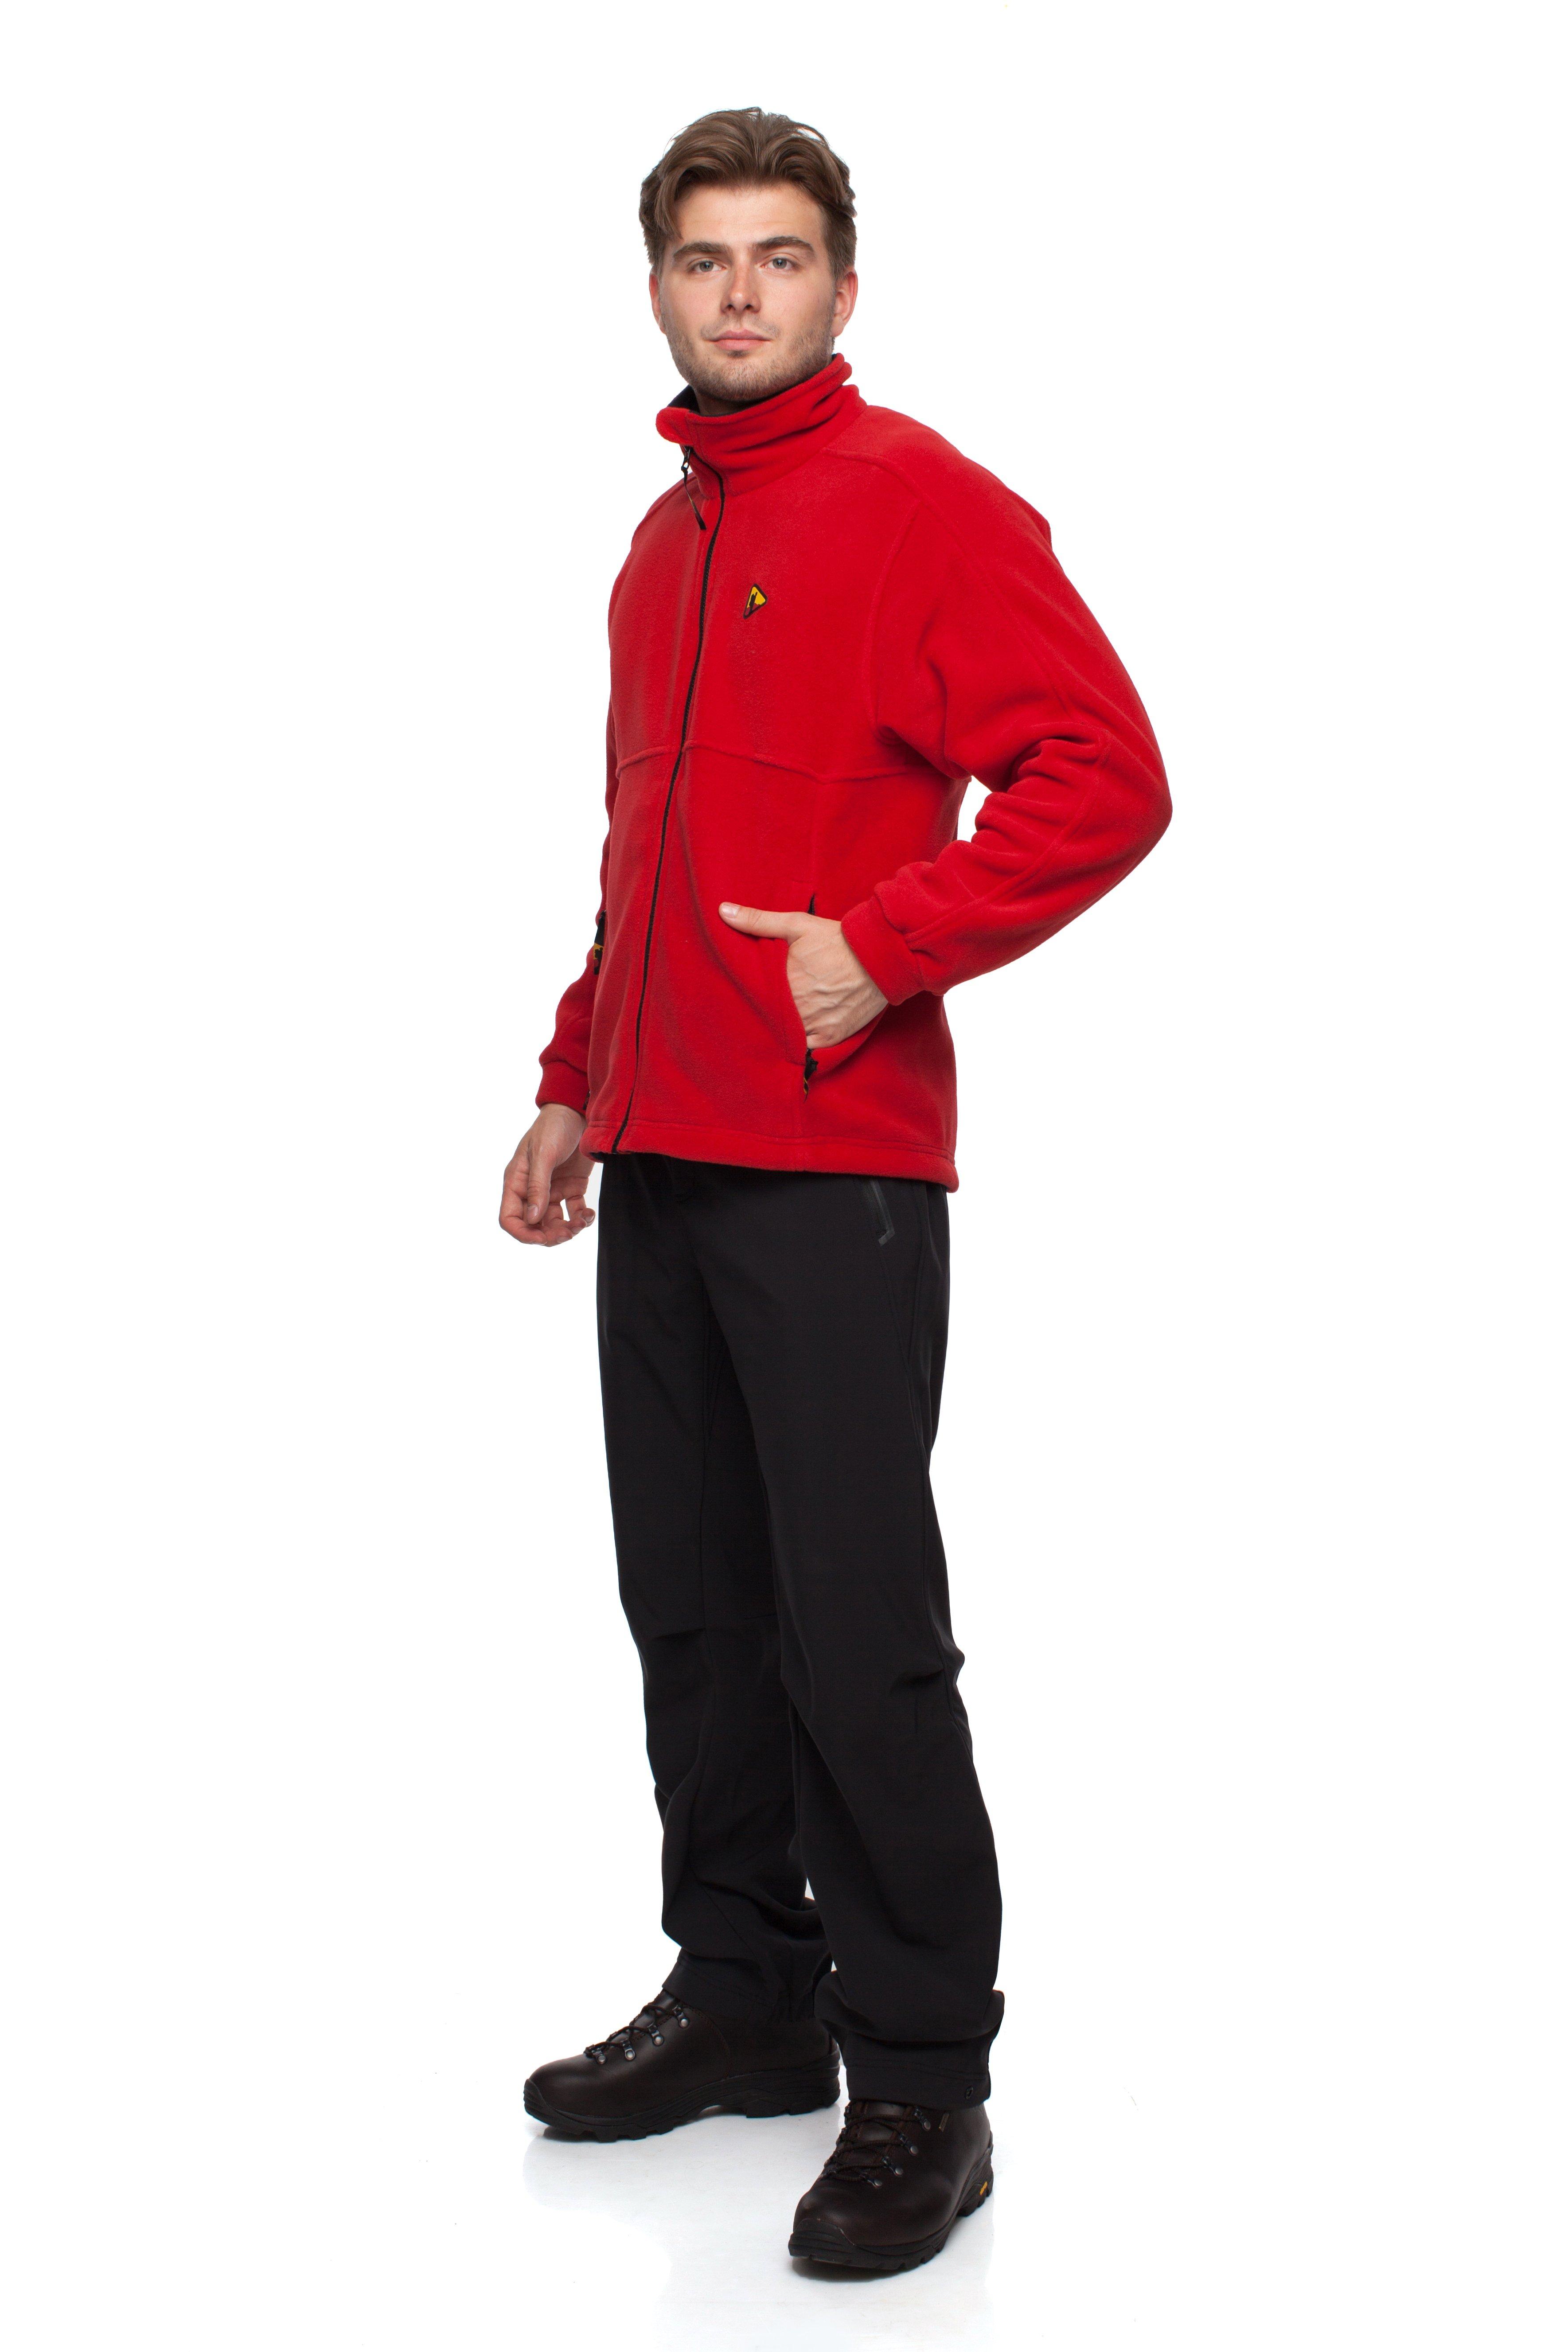 Куртка BASK FAST MJ z4253Теплая мужская куртка свободного покроя из ткани Polartec&amp;reg; 200 для спорта и активного отдыха.<br><br>Боковые карманы: 2<br>Ветрозащитная планка: Да<br>Материал: Polartec 200<br>Материал усиления: нет<br>Пол: Муж.<br>Регулировка вентиляции: Нет<br>Регулировка низа: Да<br>Регулируемые вентиляционные отверстия: Нет<br>Тип молнии: двухзамковая<br>Усиление контактных зон: Нет<br>Размер INT: S<br>Цвет: СИНИЙ